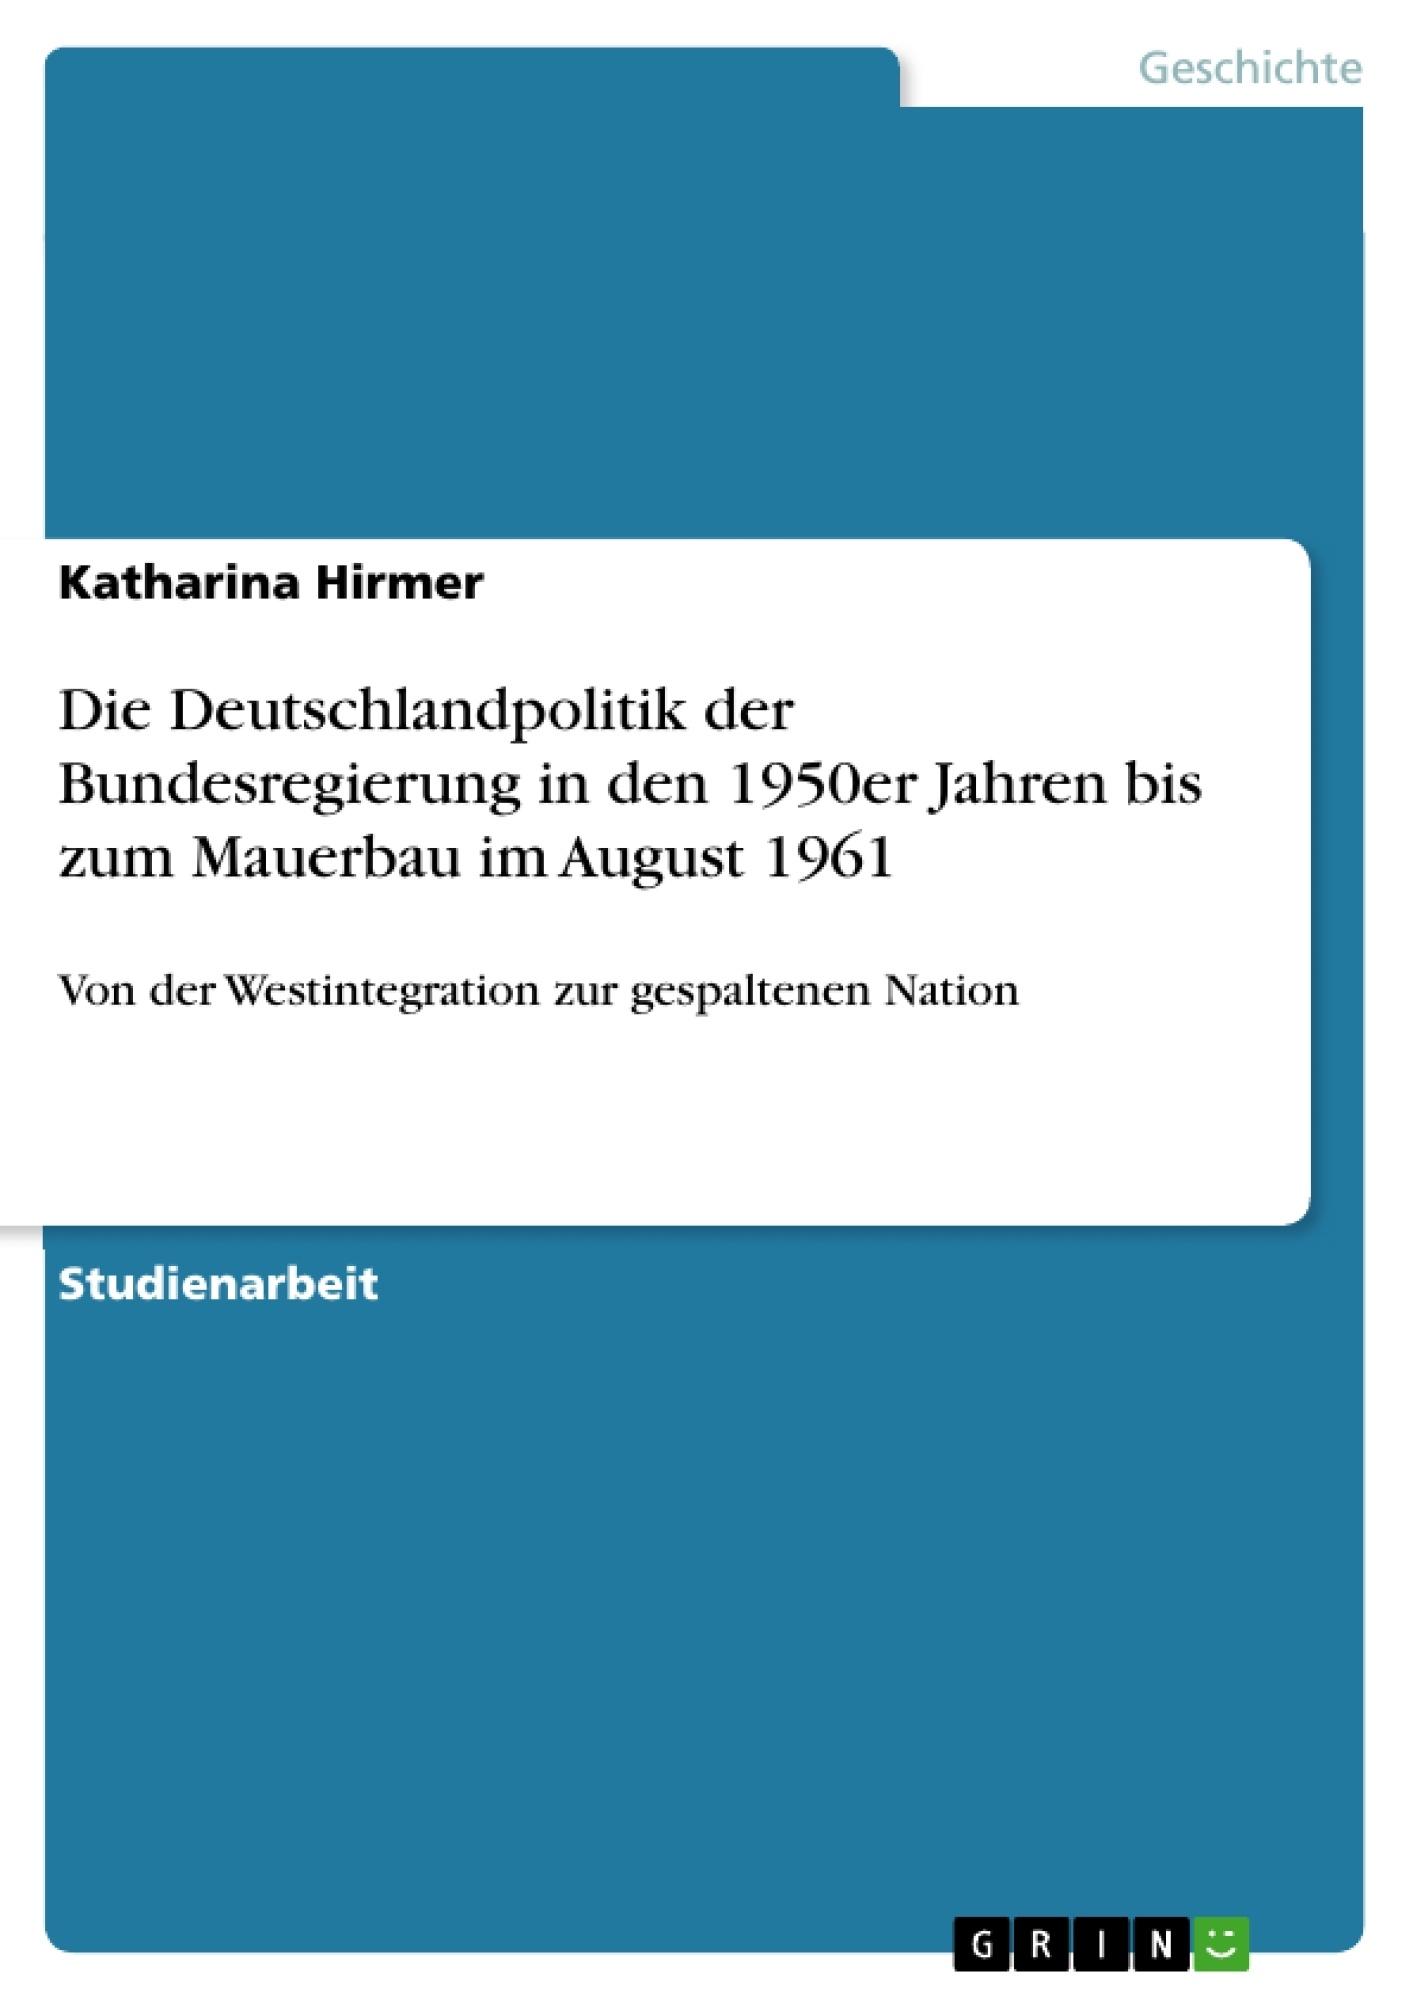 Titel: Die Deutschlandpolitik der Bundesregierung in den 1950er Jahren bis zum Mauerbau im August 1961